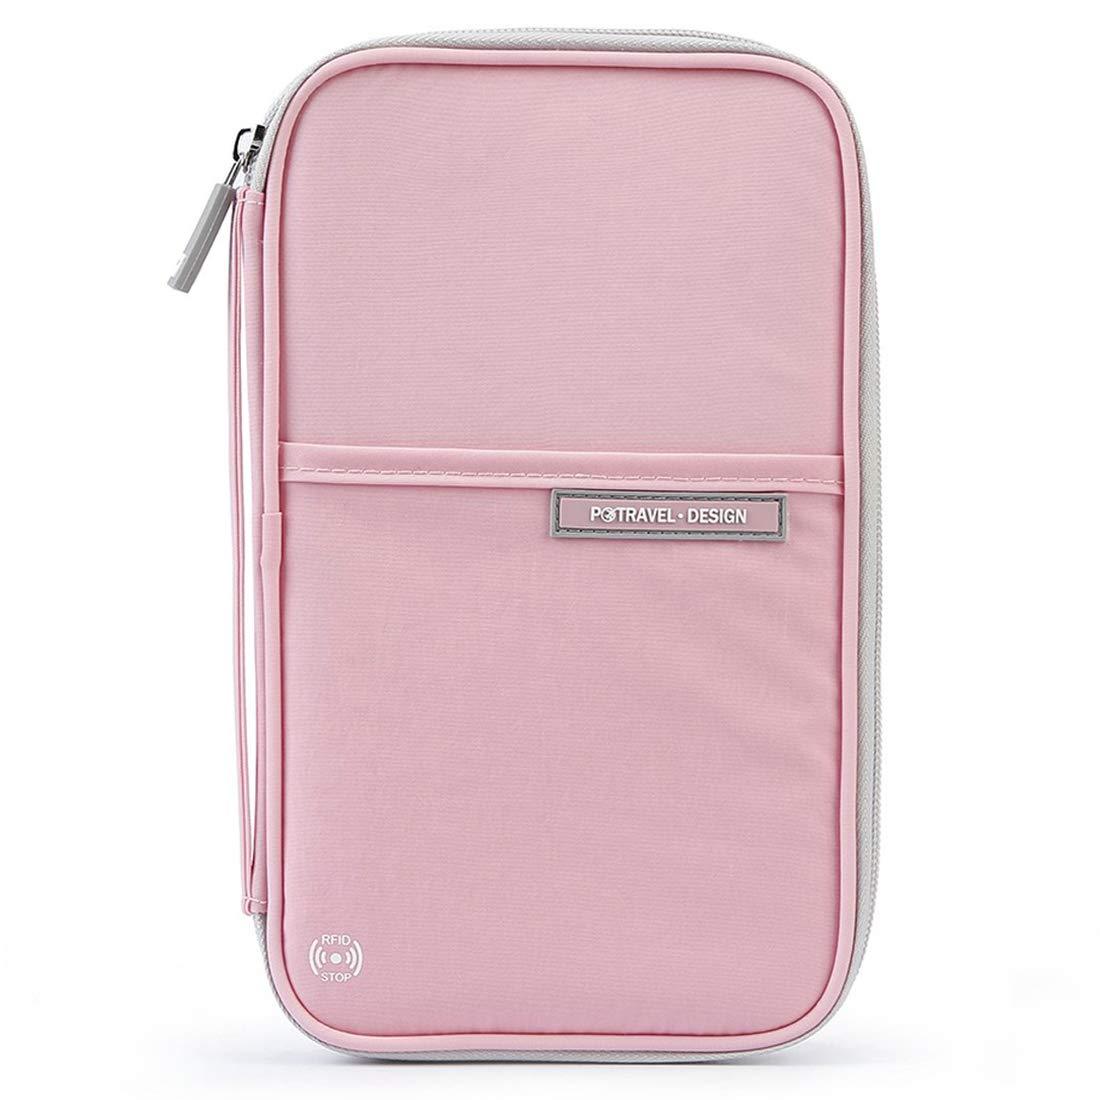 Family Passport Holder Travel Wallet, RFID Blocking Passport Wallet, Travel Document Organizer Holder Case with Hand Strap for Women Ladies Teens Girls. (Pink)